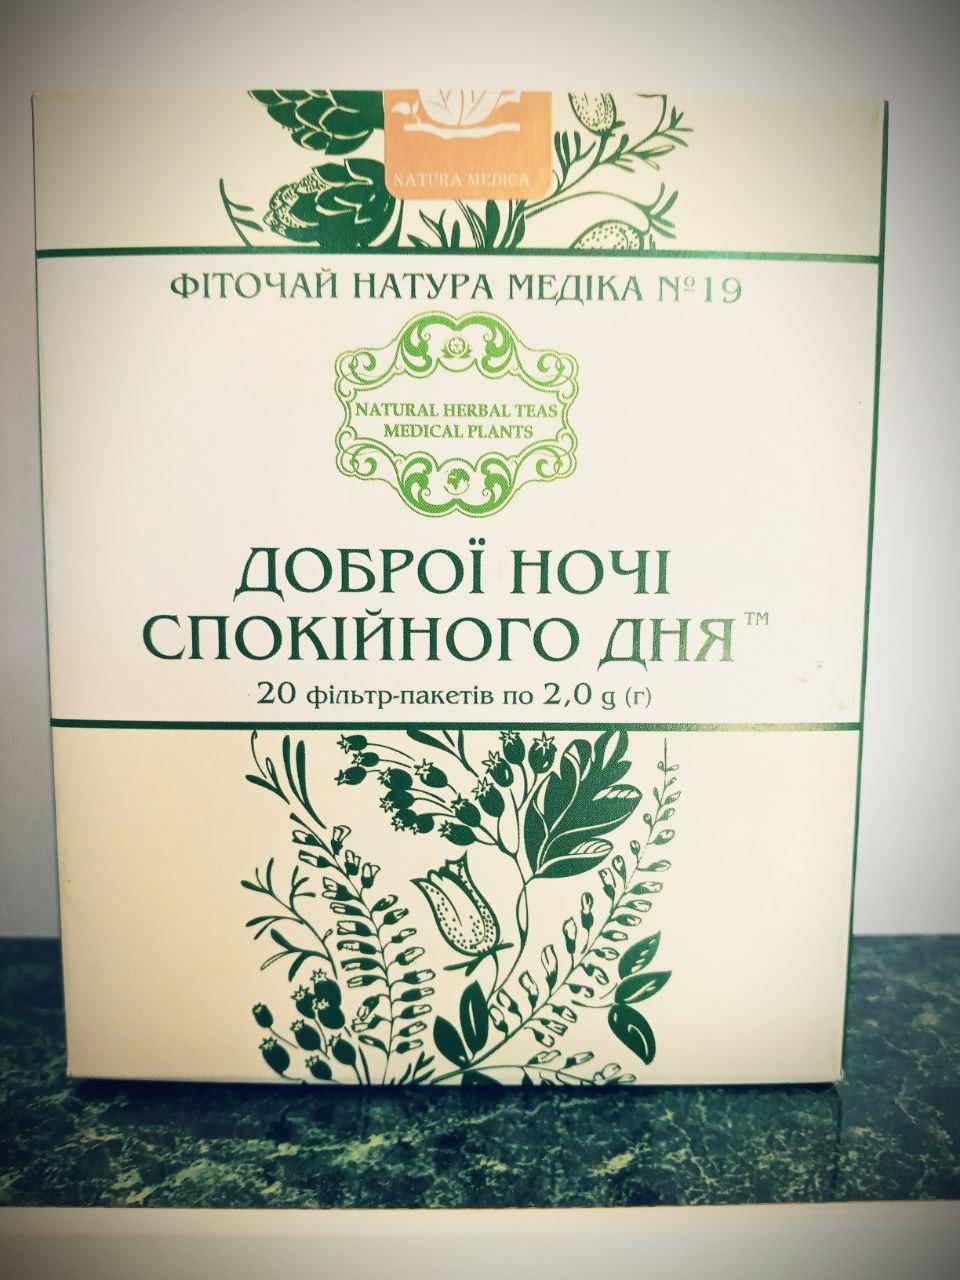 Покупаете фиточай успокоительный Доброй ночи на основе донника, сон-травы и шишек хмеля